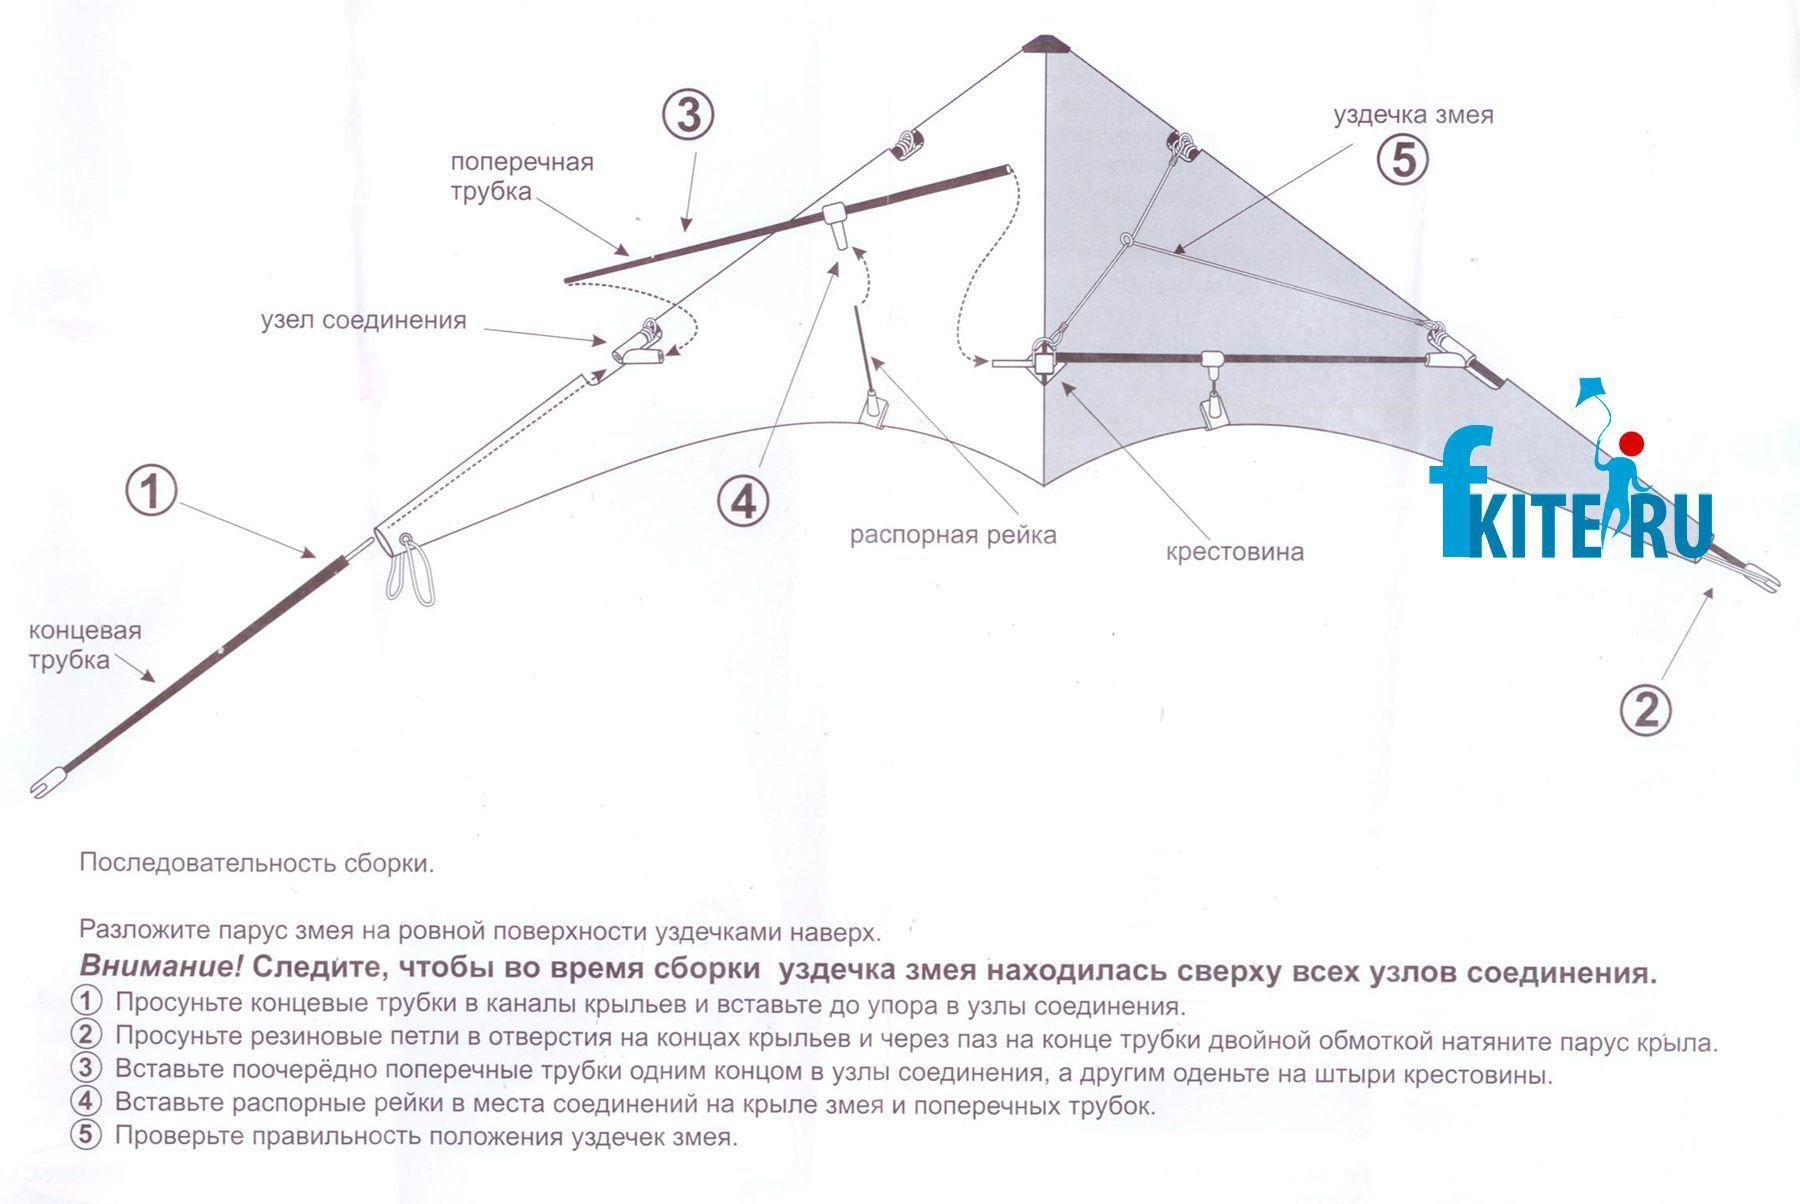 Инструкция воздушный змей